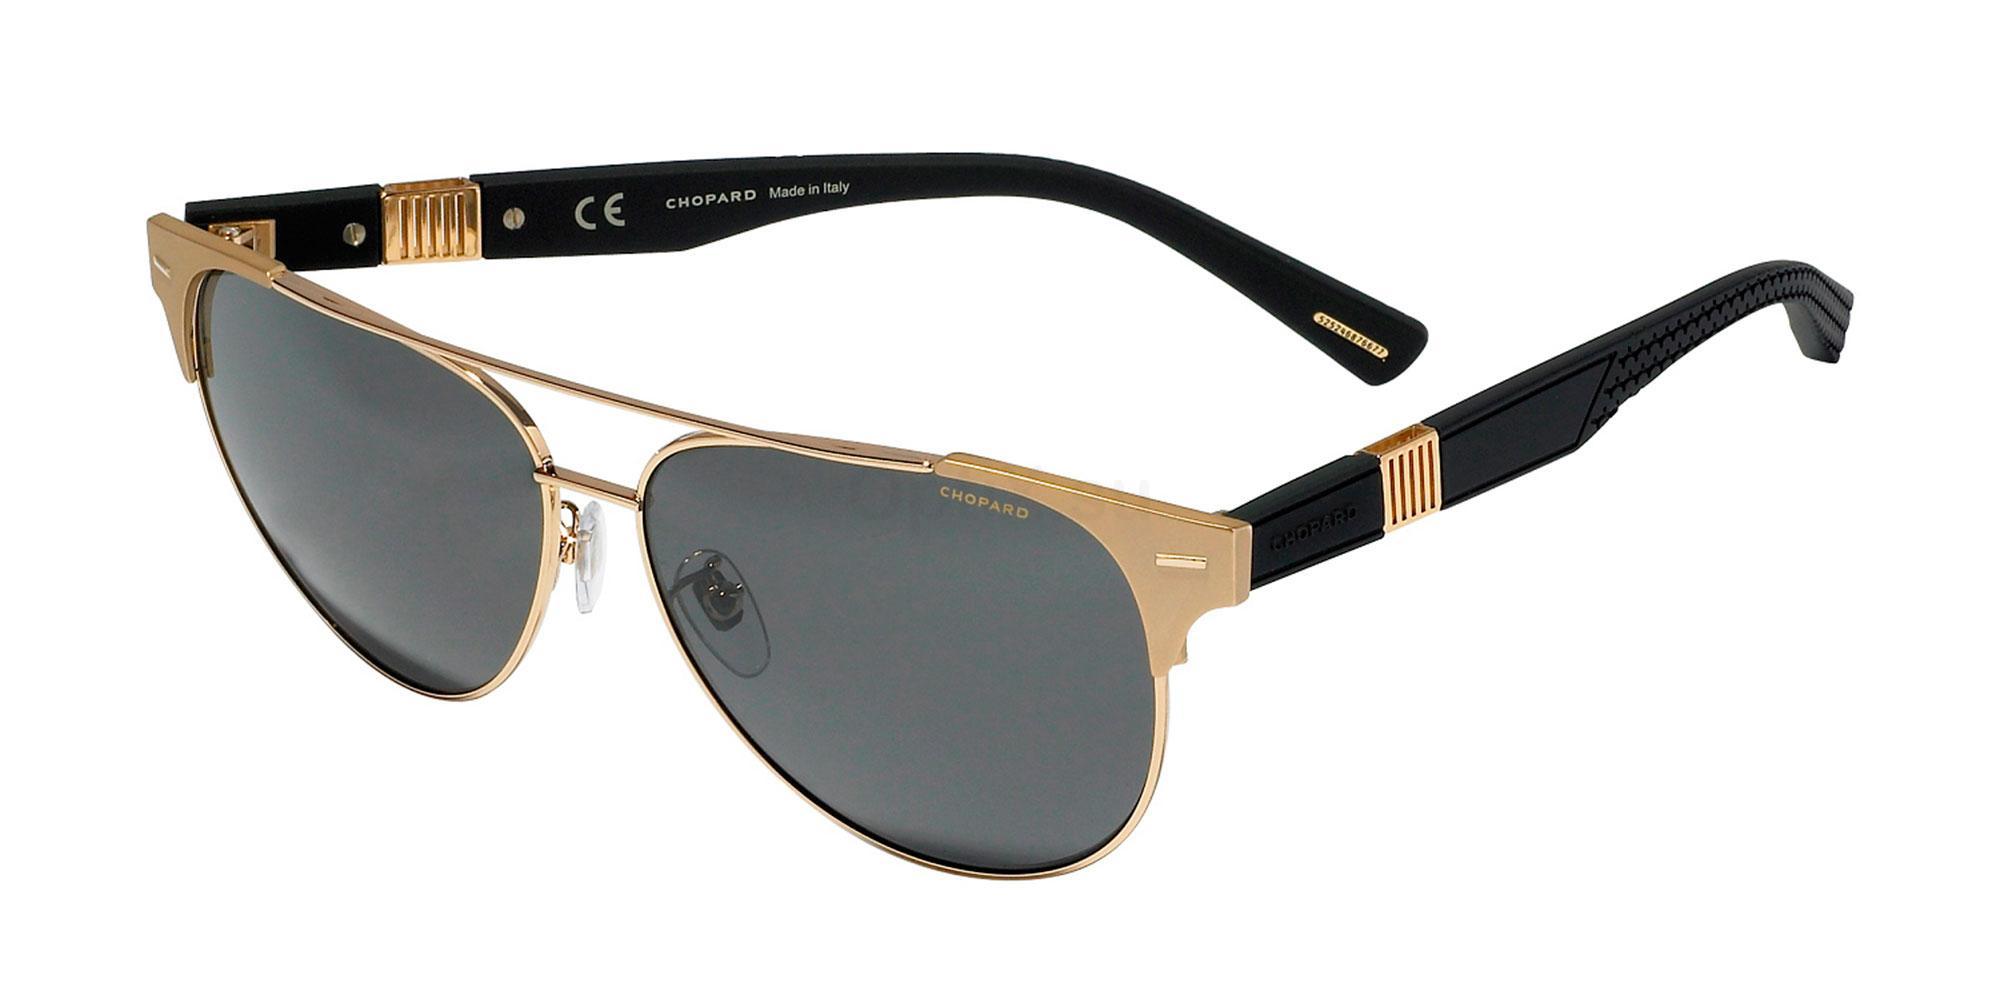 349P SCHC32 Sunglasses, Chopard